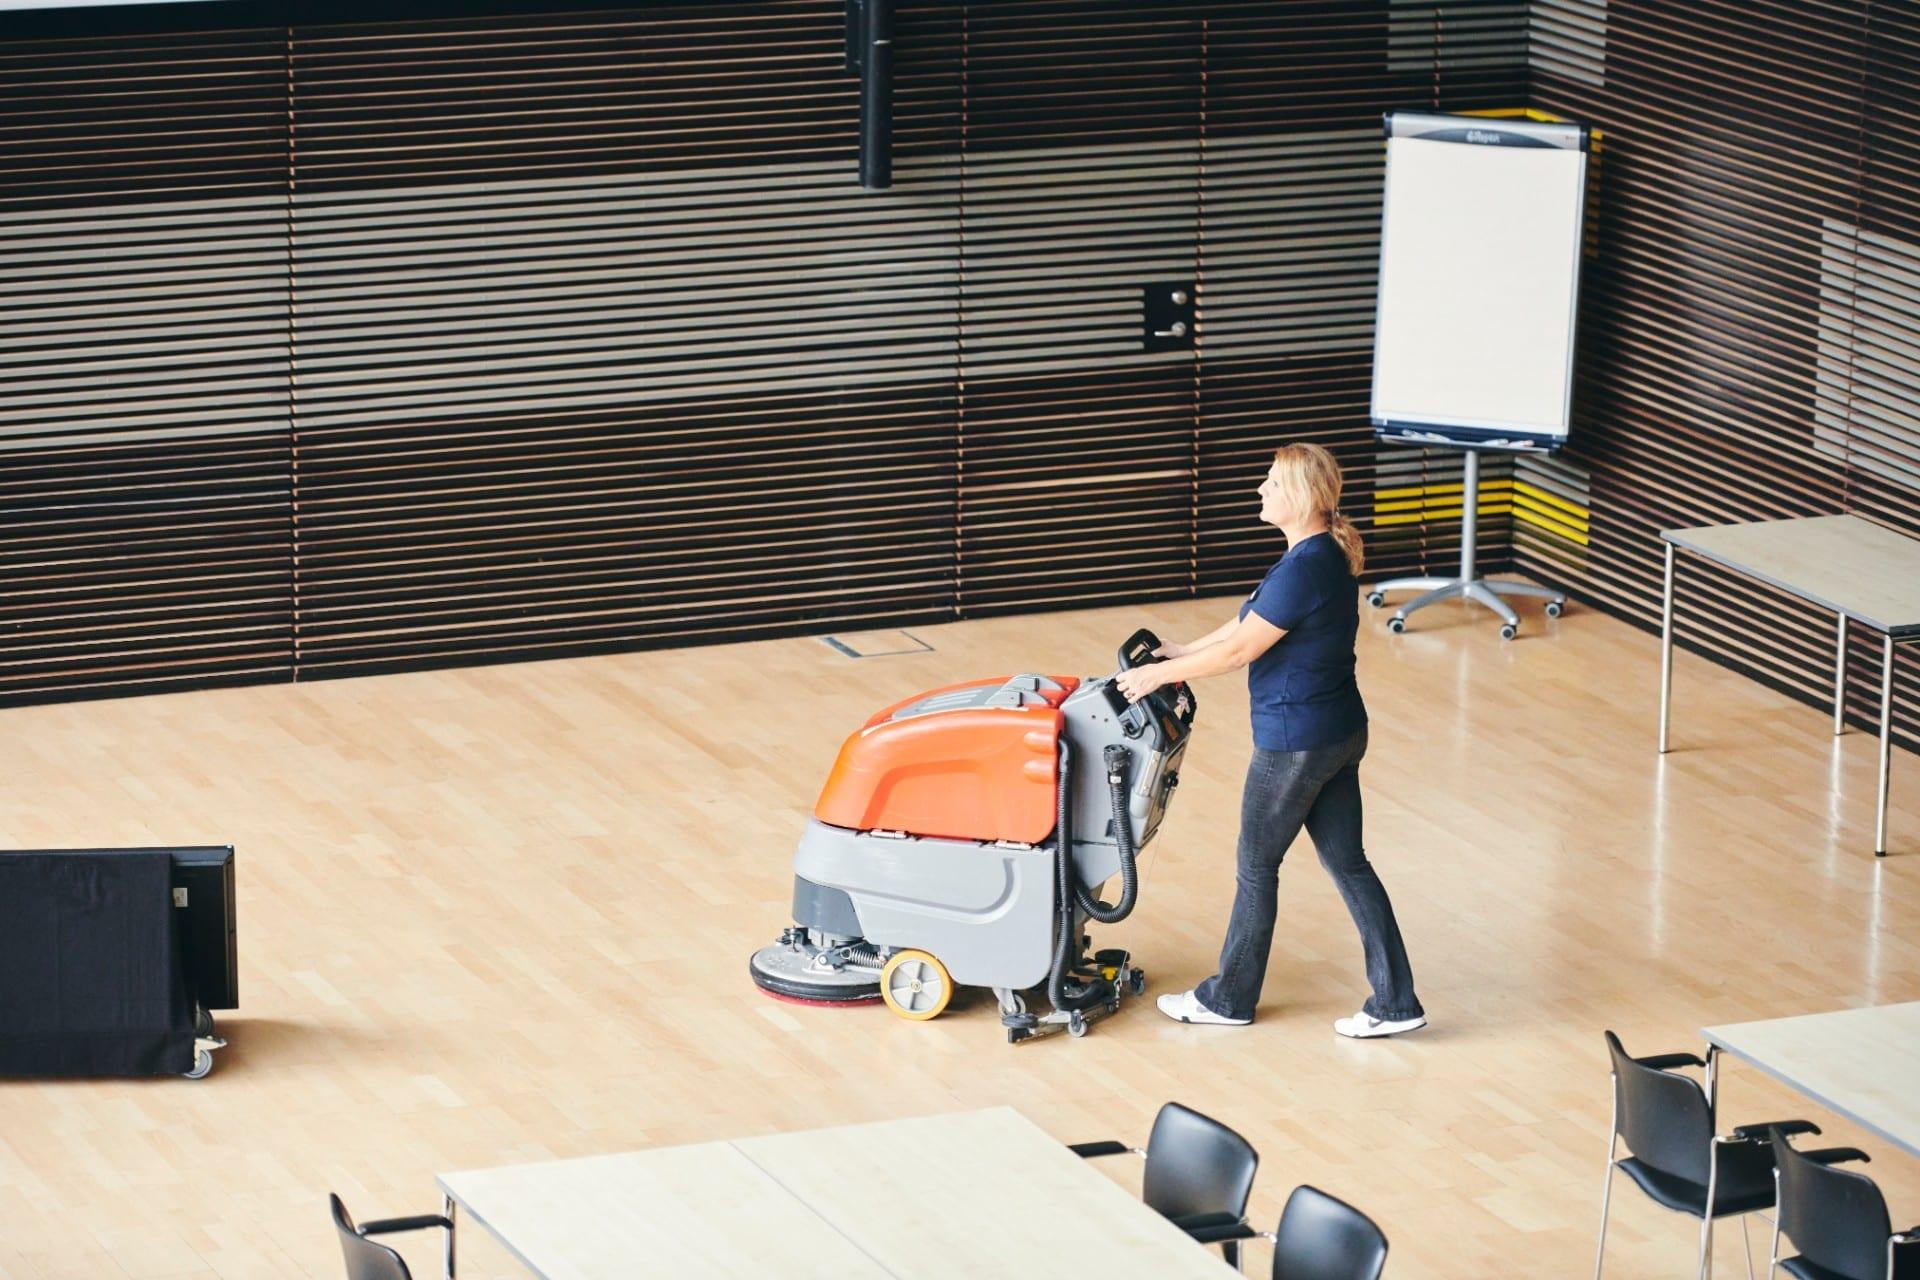 Renell-medarbejder vasker gulv hos erhvervskunde med gulvmaskine